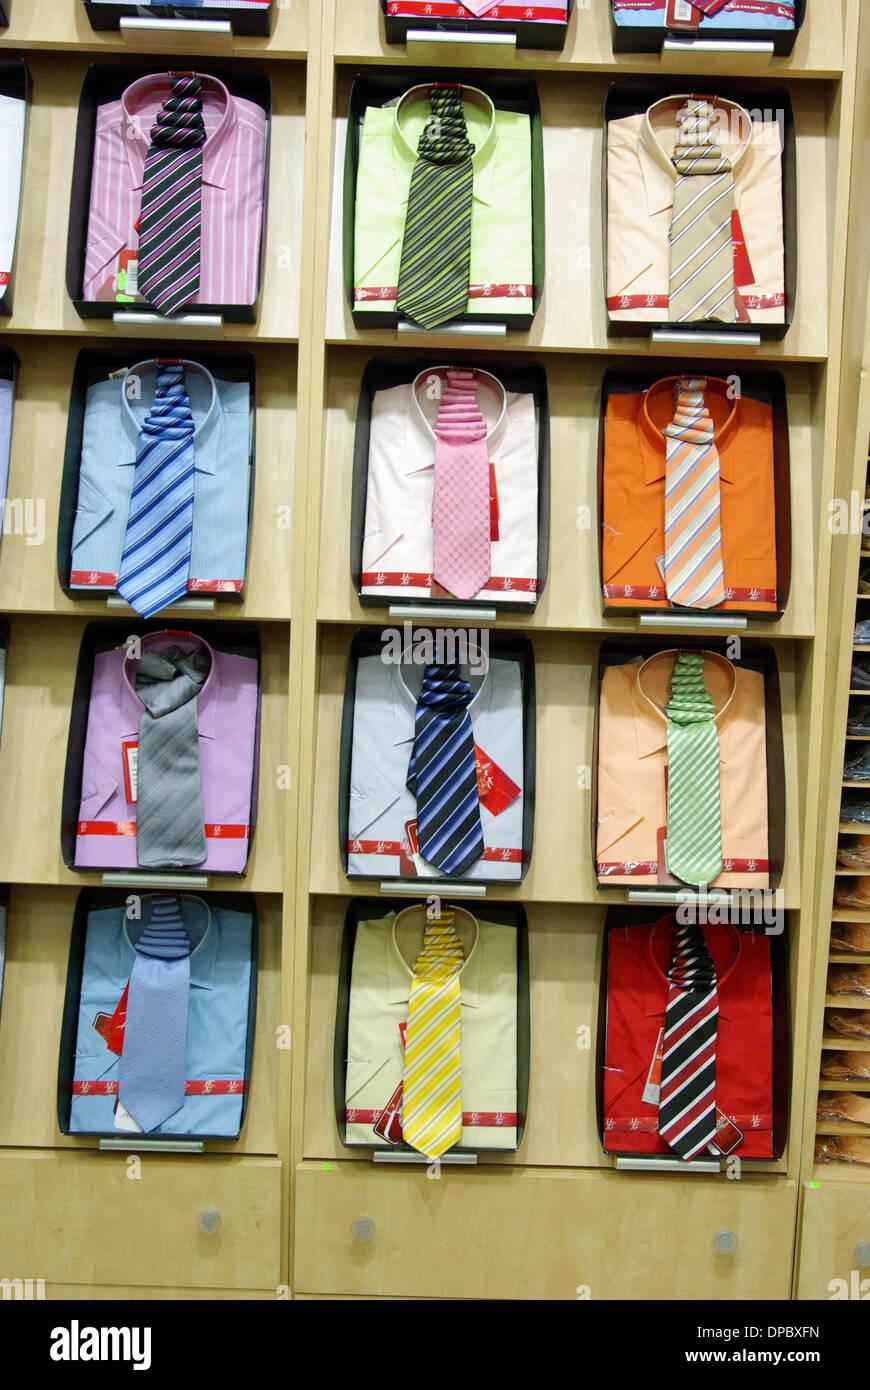 Magliette colorate con cravatta in un negozio. Immagini Stock